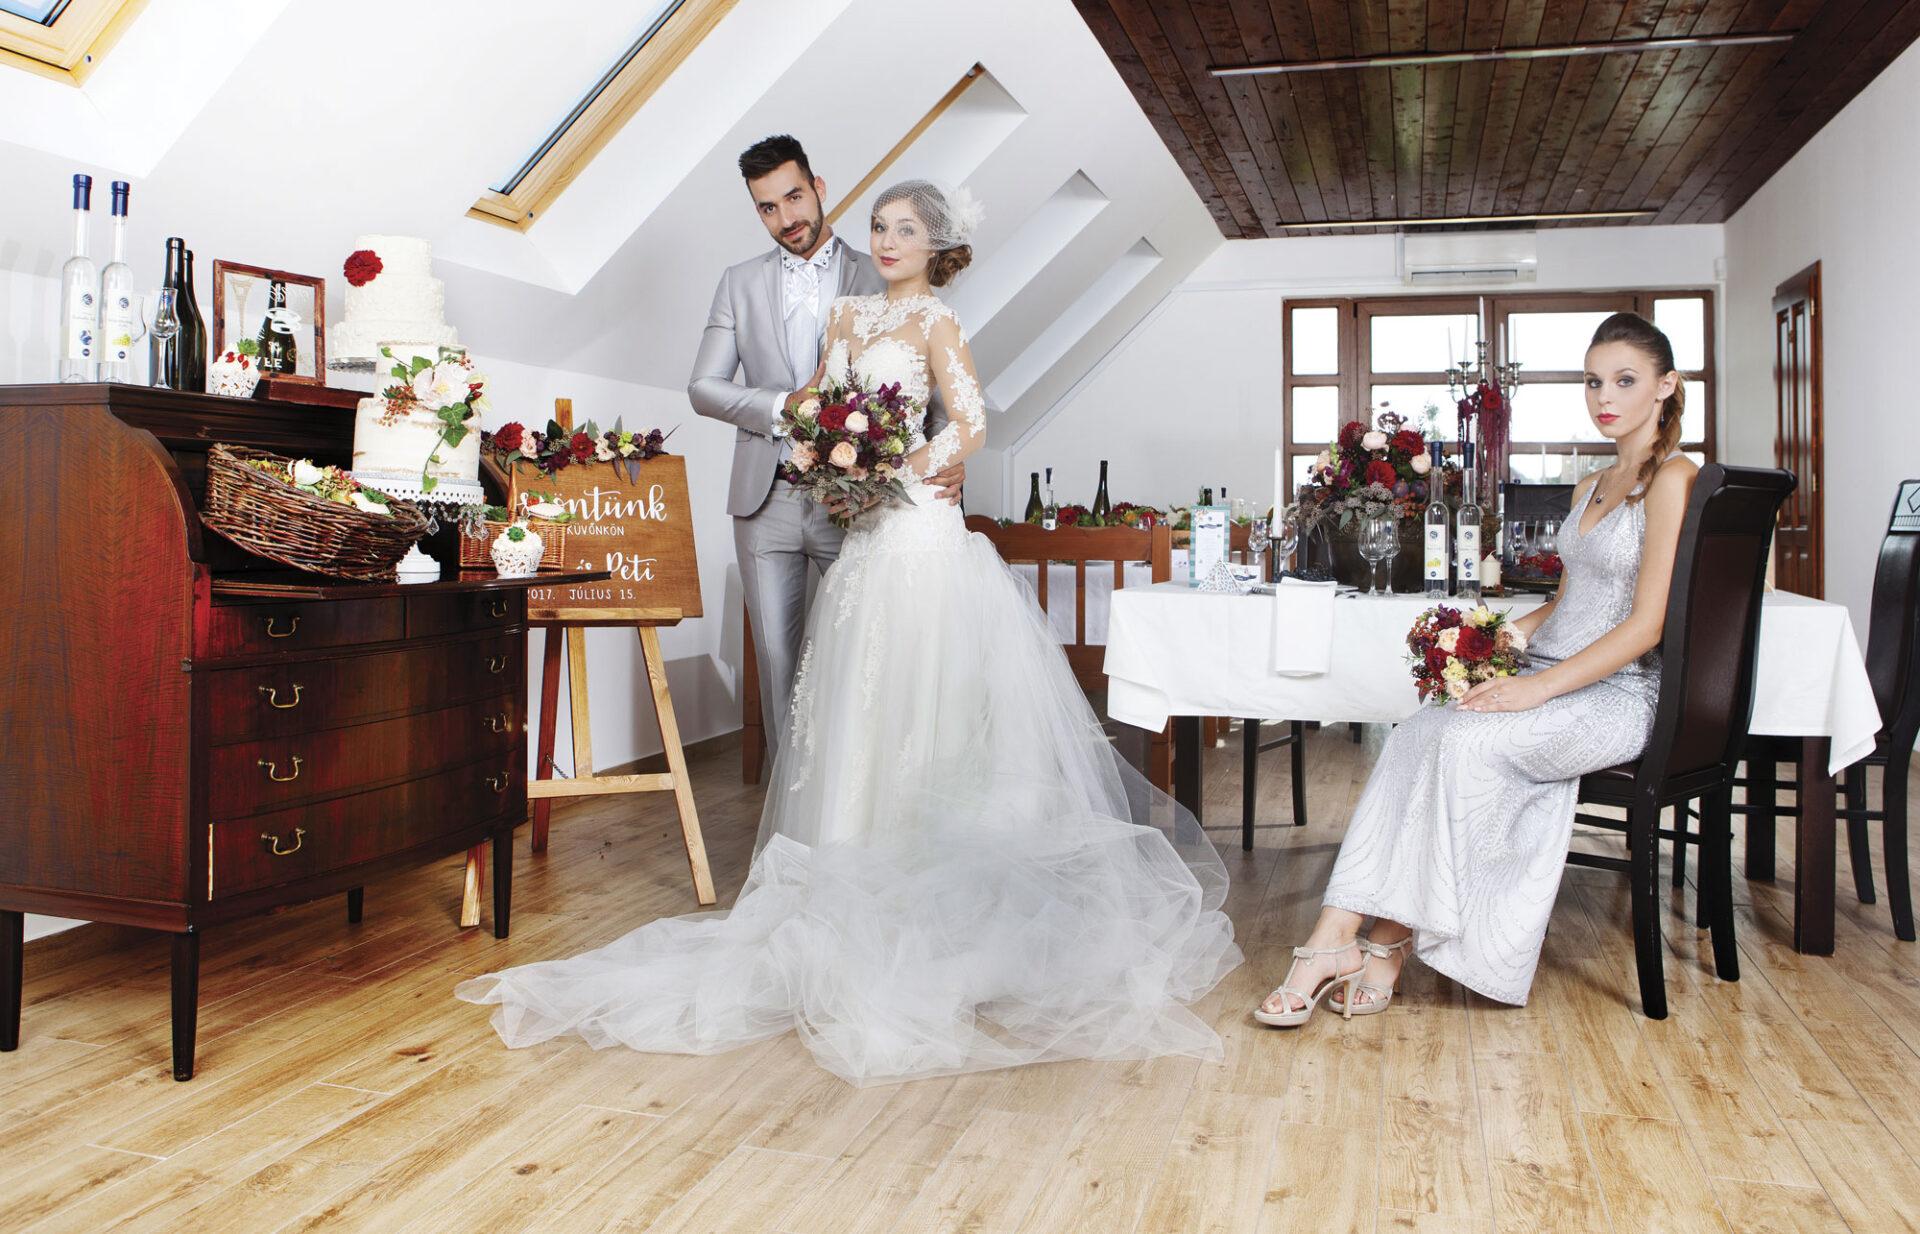 rusztikus esküvői dekoráció, esküvői asztaldekoráció, esküvői teremdekoráció, esküvői virágdekoráció, menyasszonyi ruha, koszorúslány ruha, vőlegény öltöny, vőlegény ruha